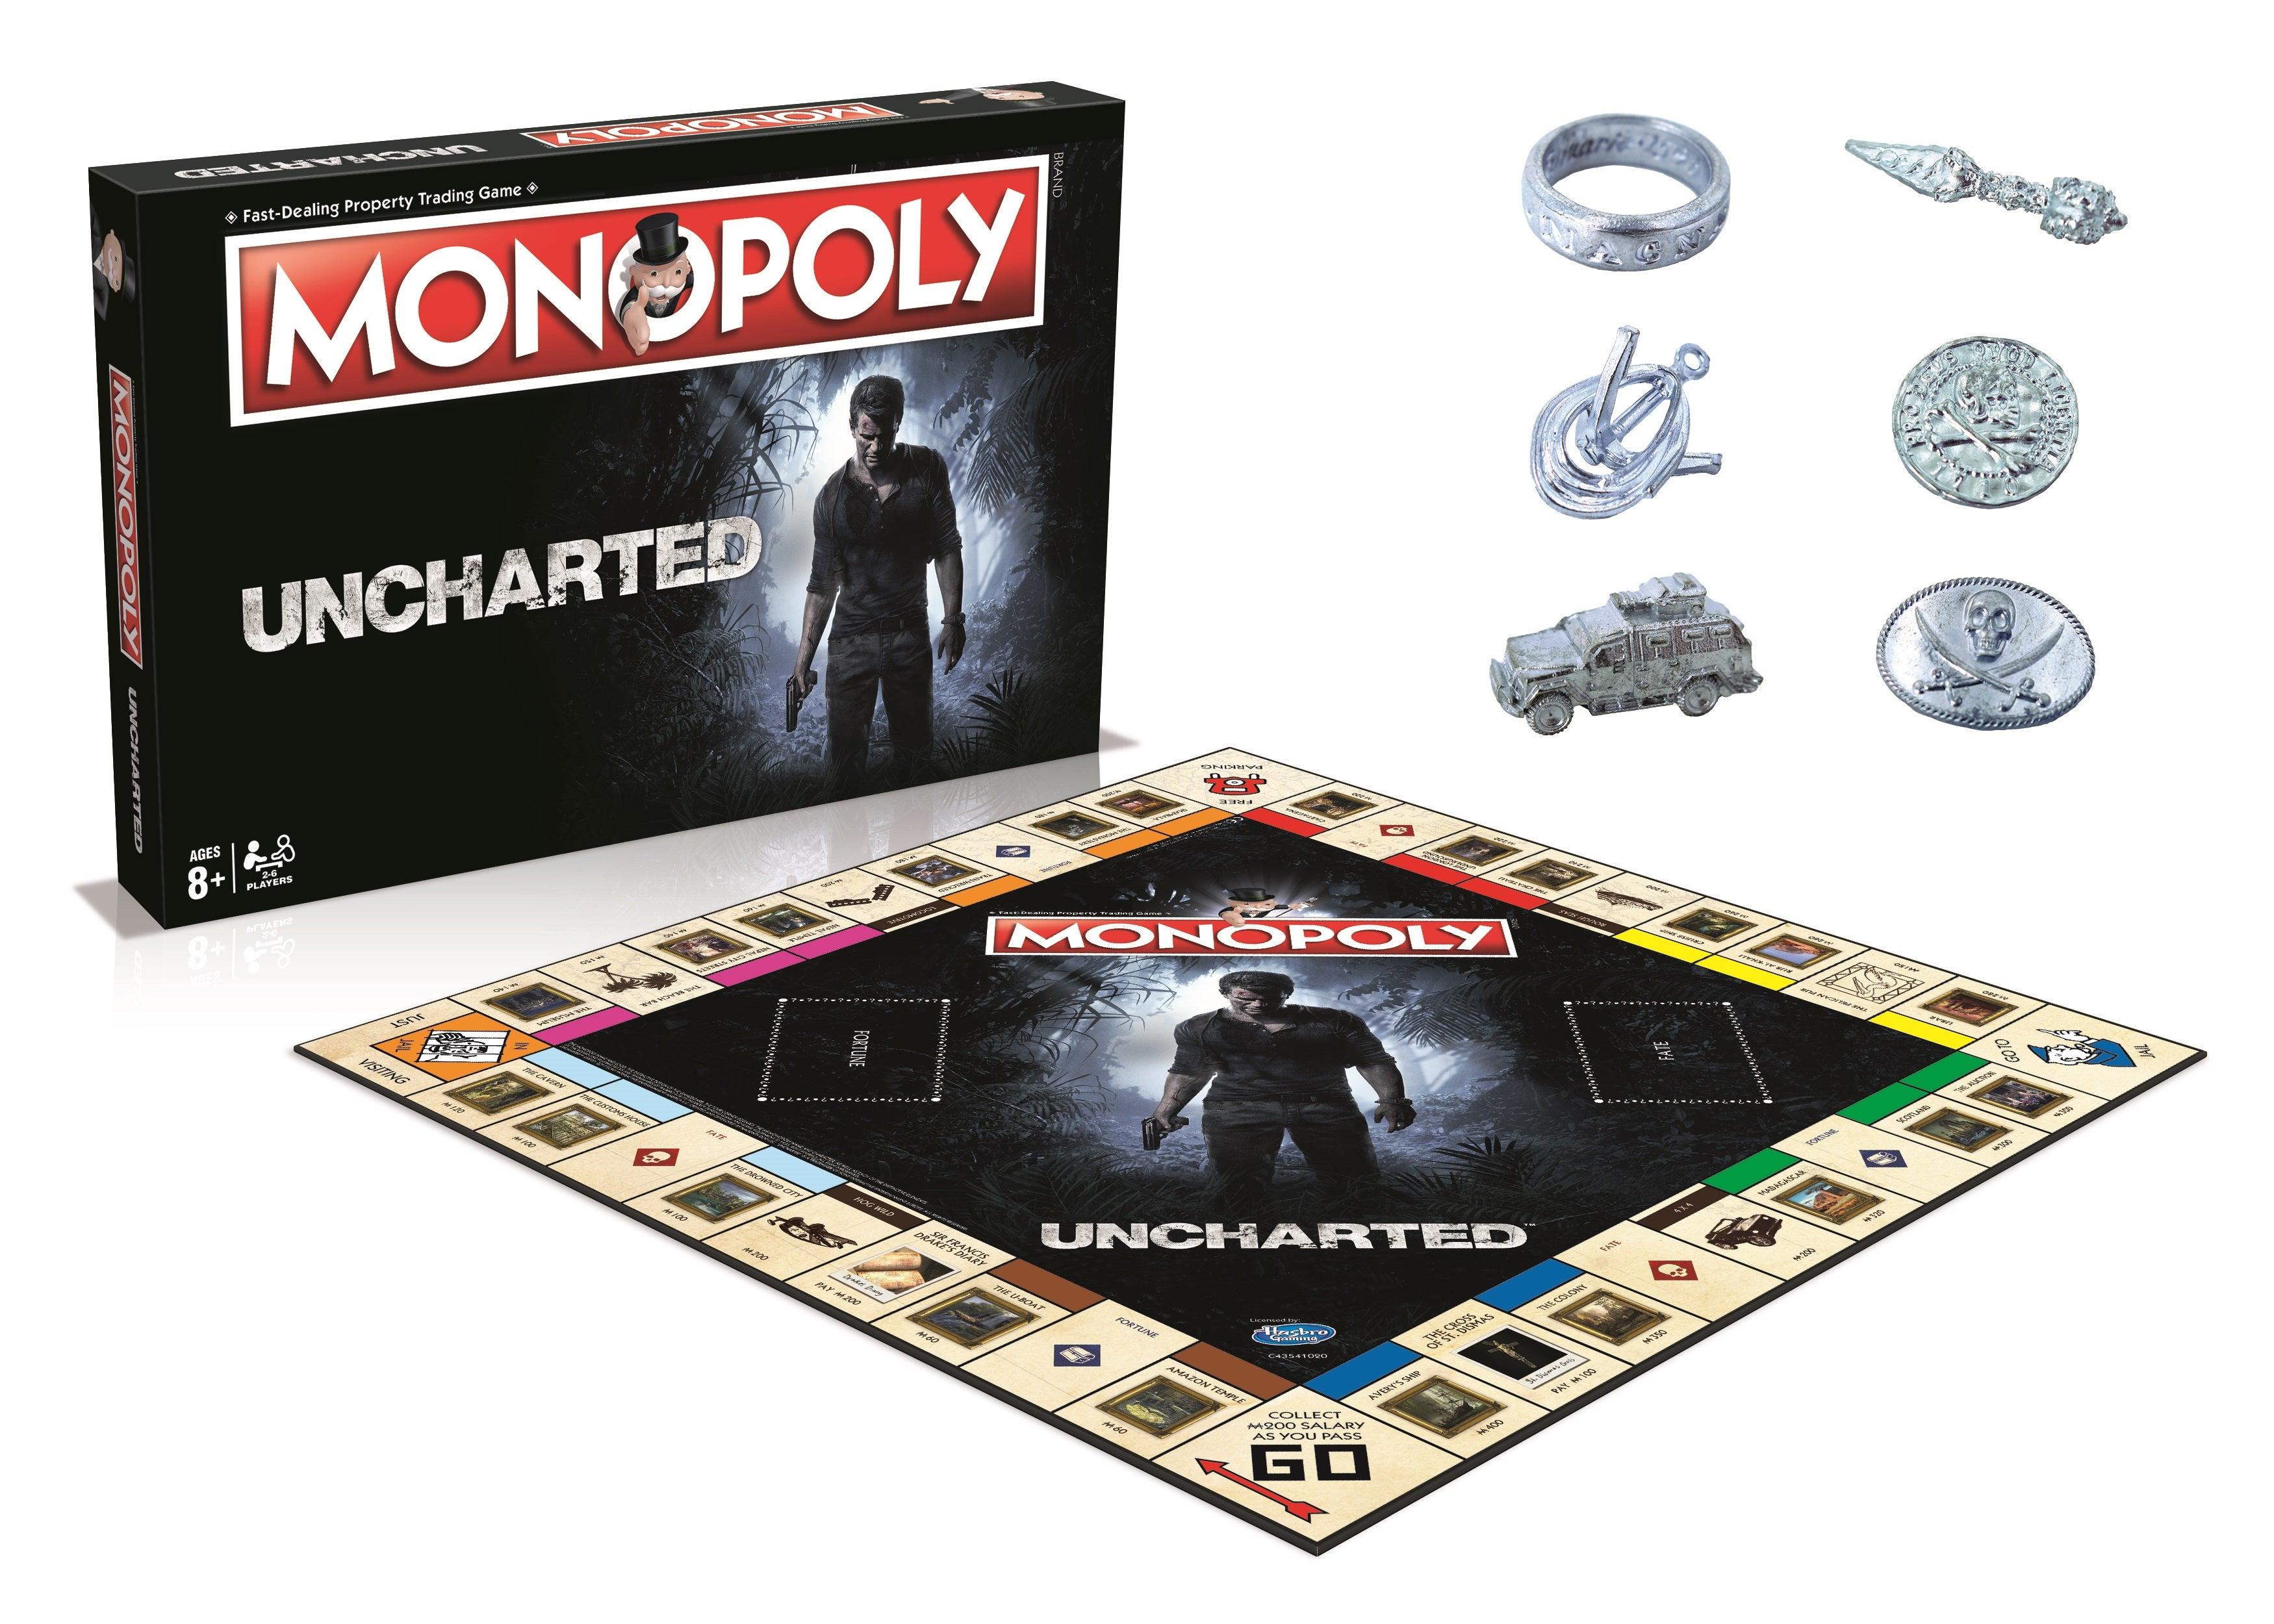 uncharted-monopoly-1